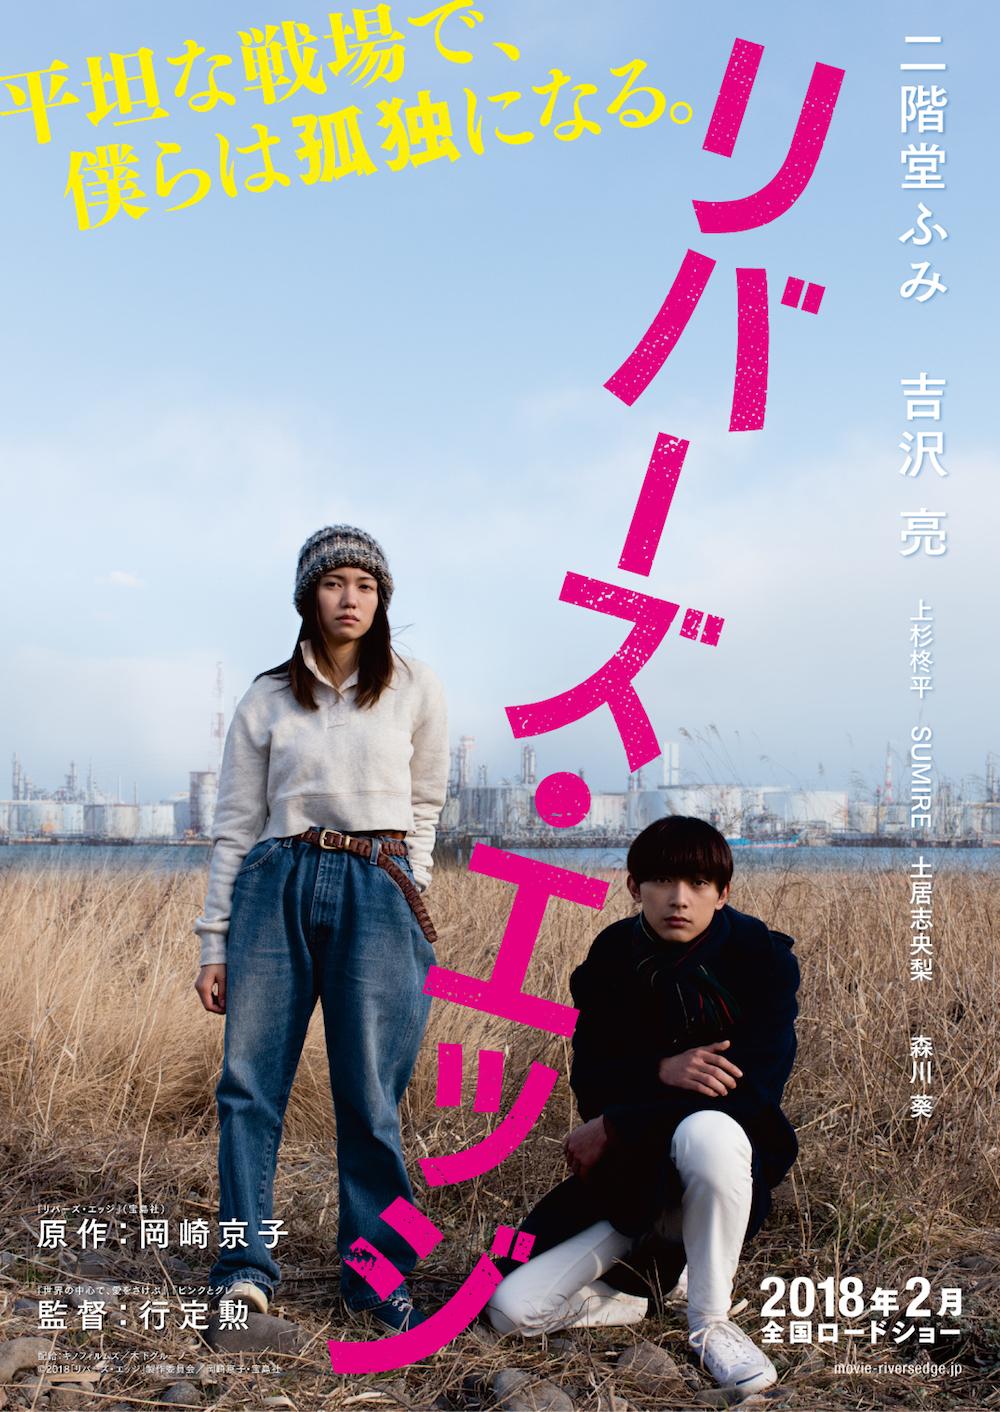 二階堂ふみ × 吉沢亮 出演『リバーズ・エッジ』